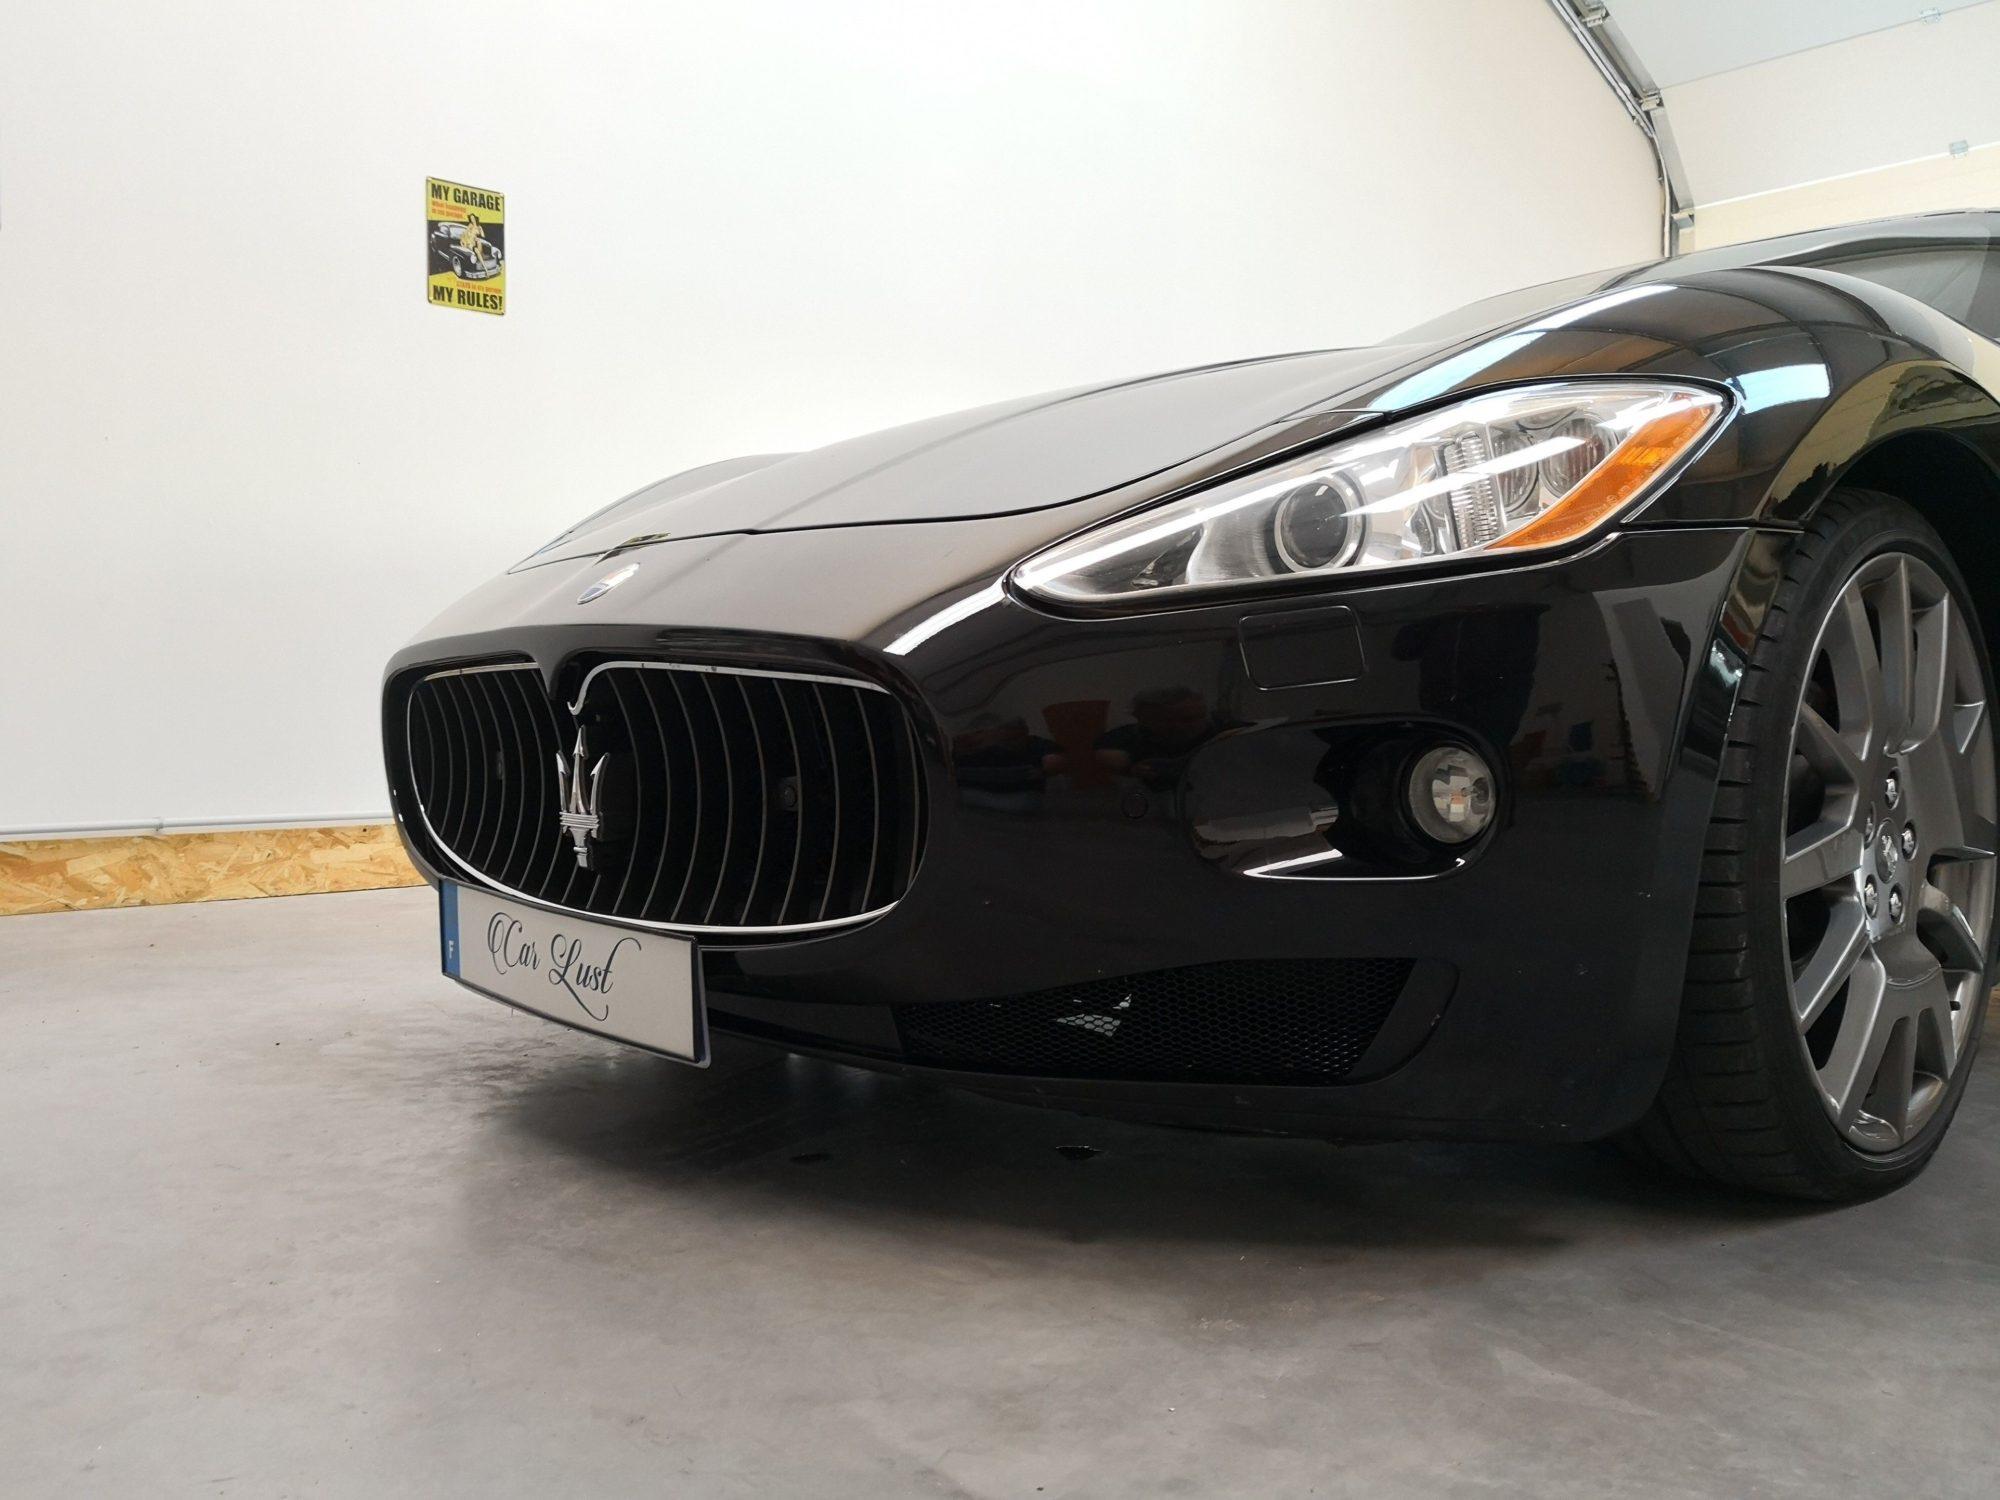 Maserati Granturismo St André